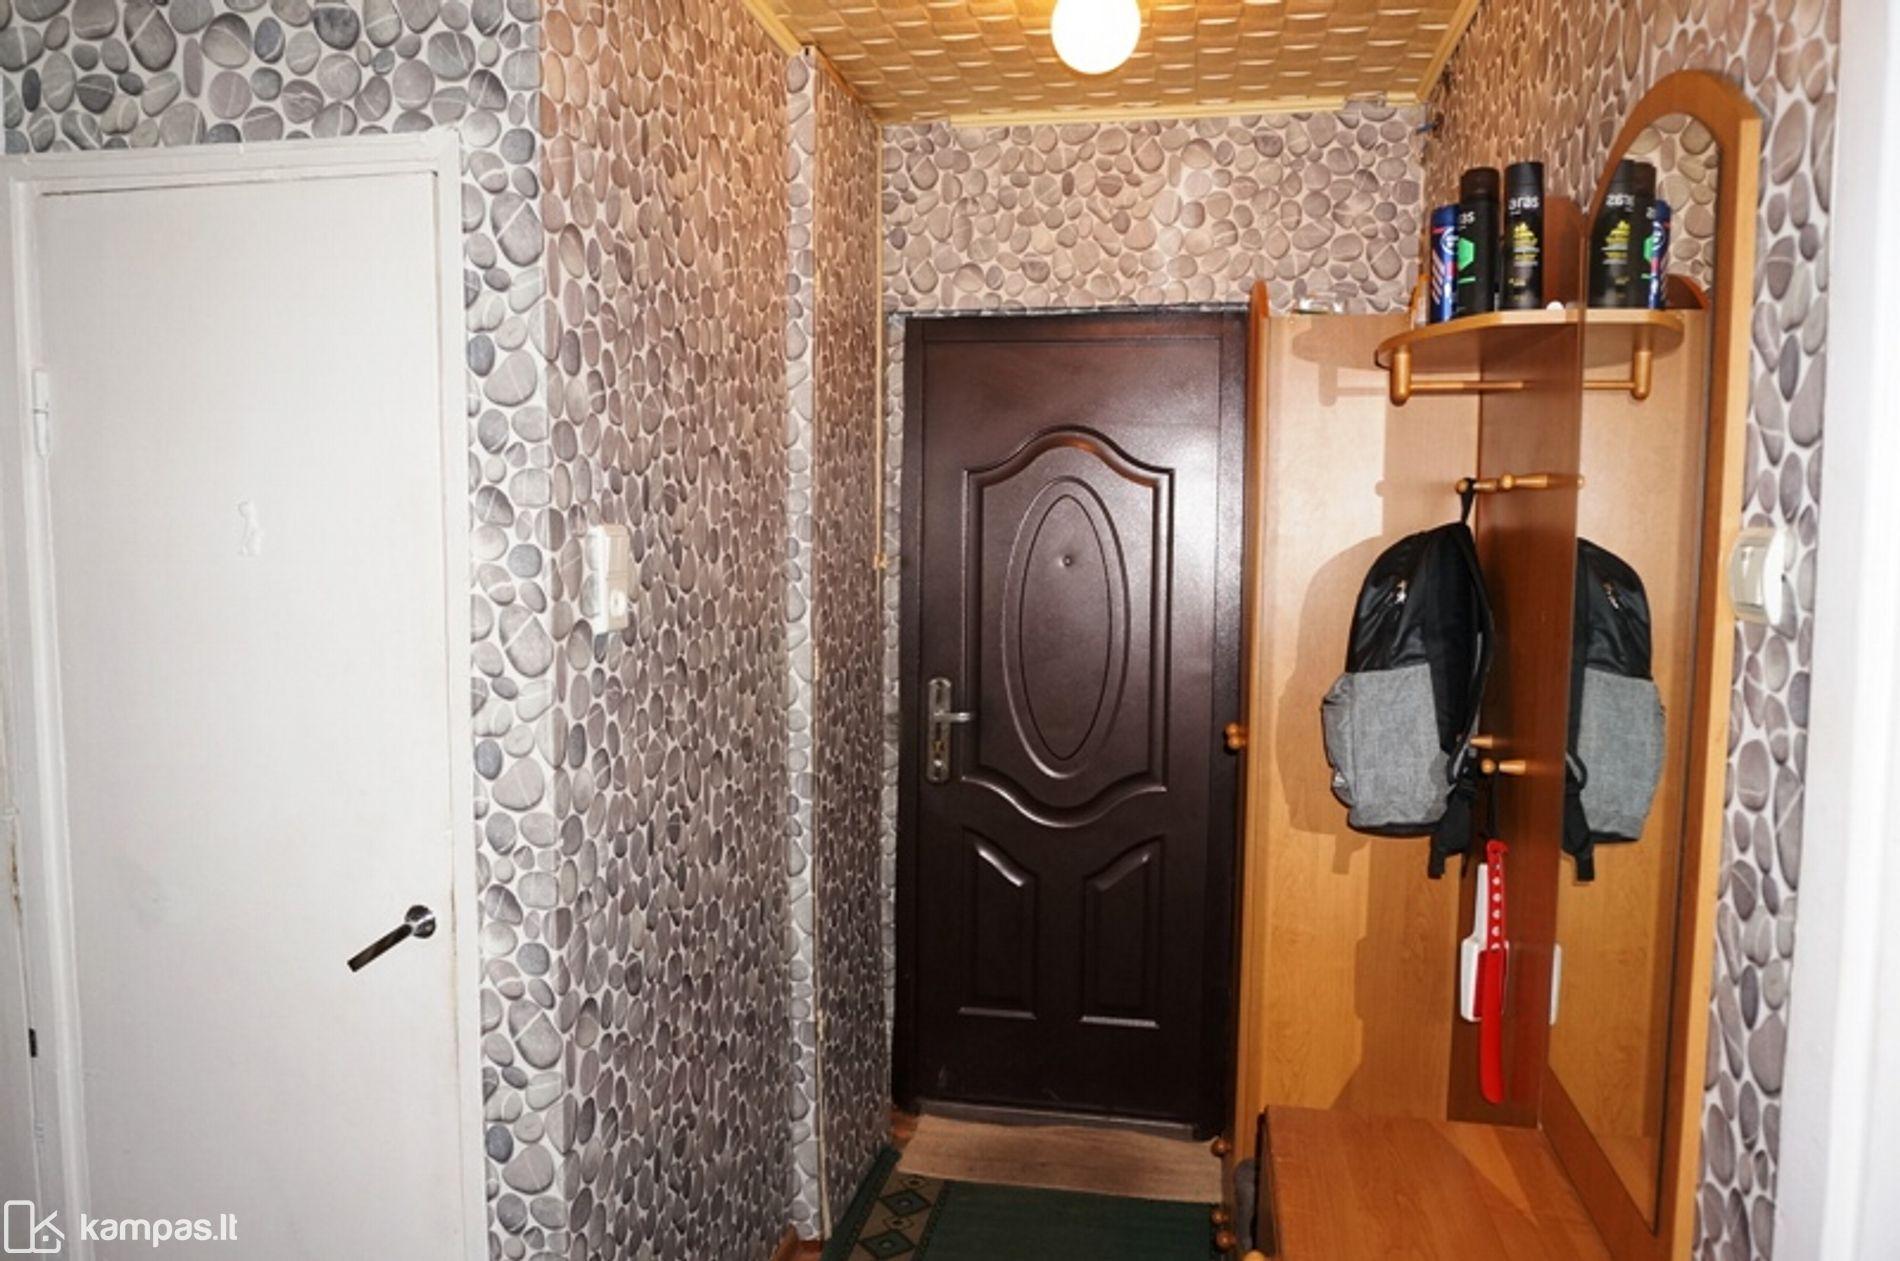 photo No.5 Ignalinos r. sav., Didžiasalis, Didžiasalio g.